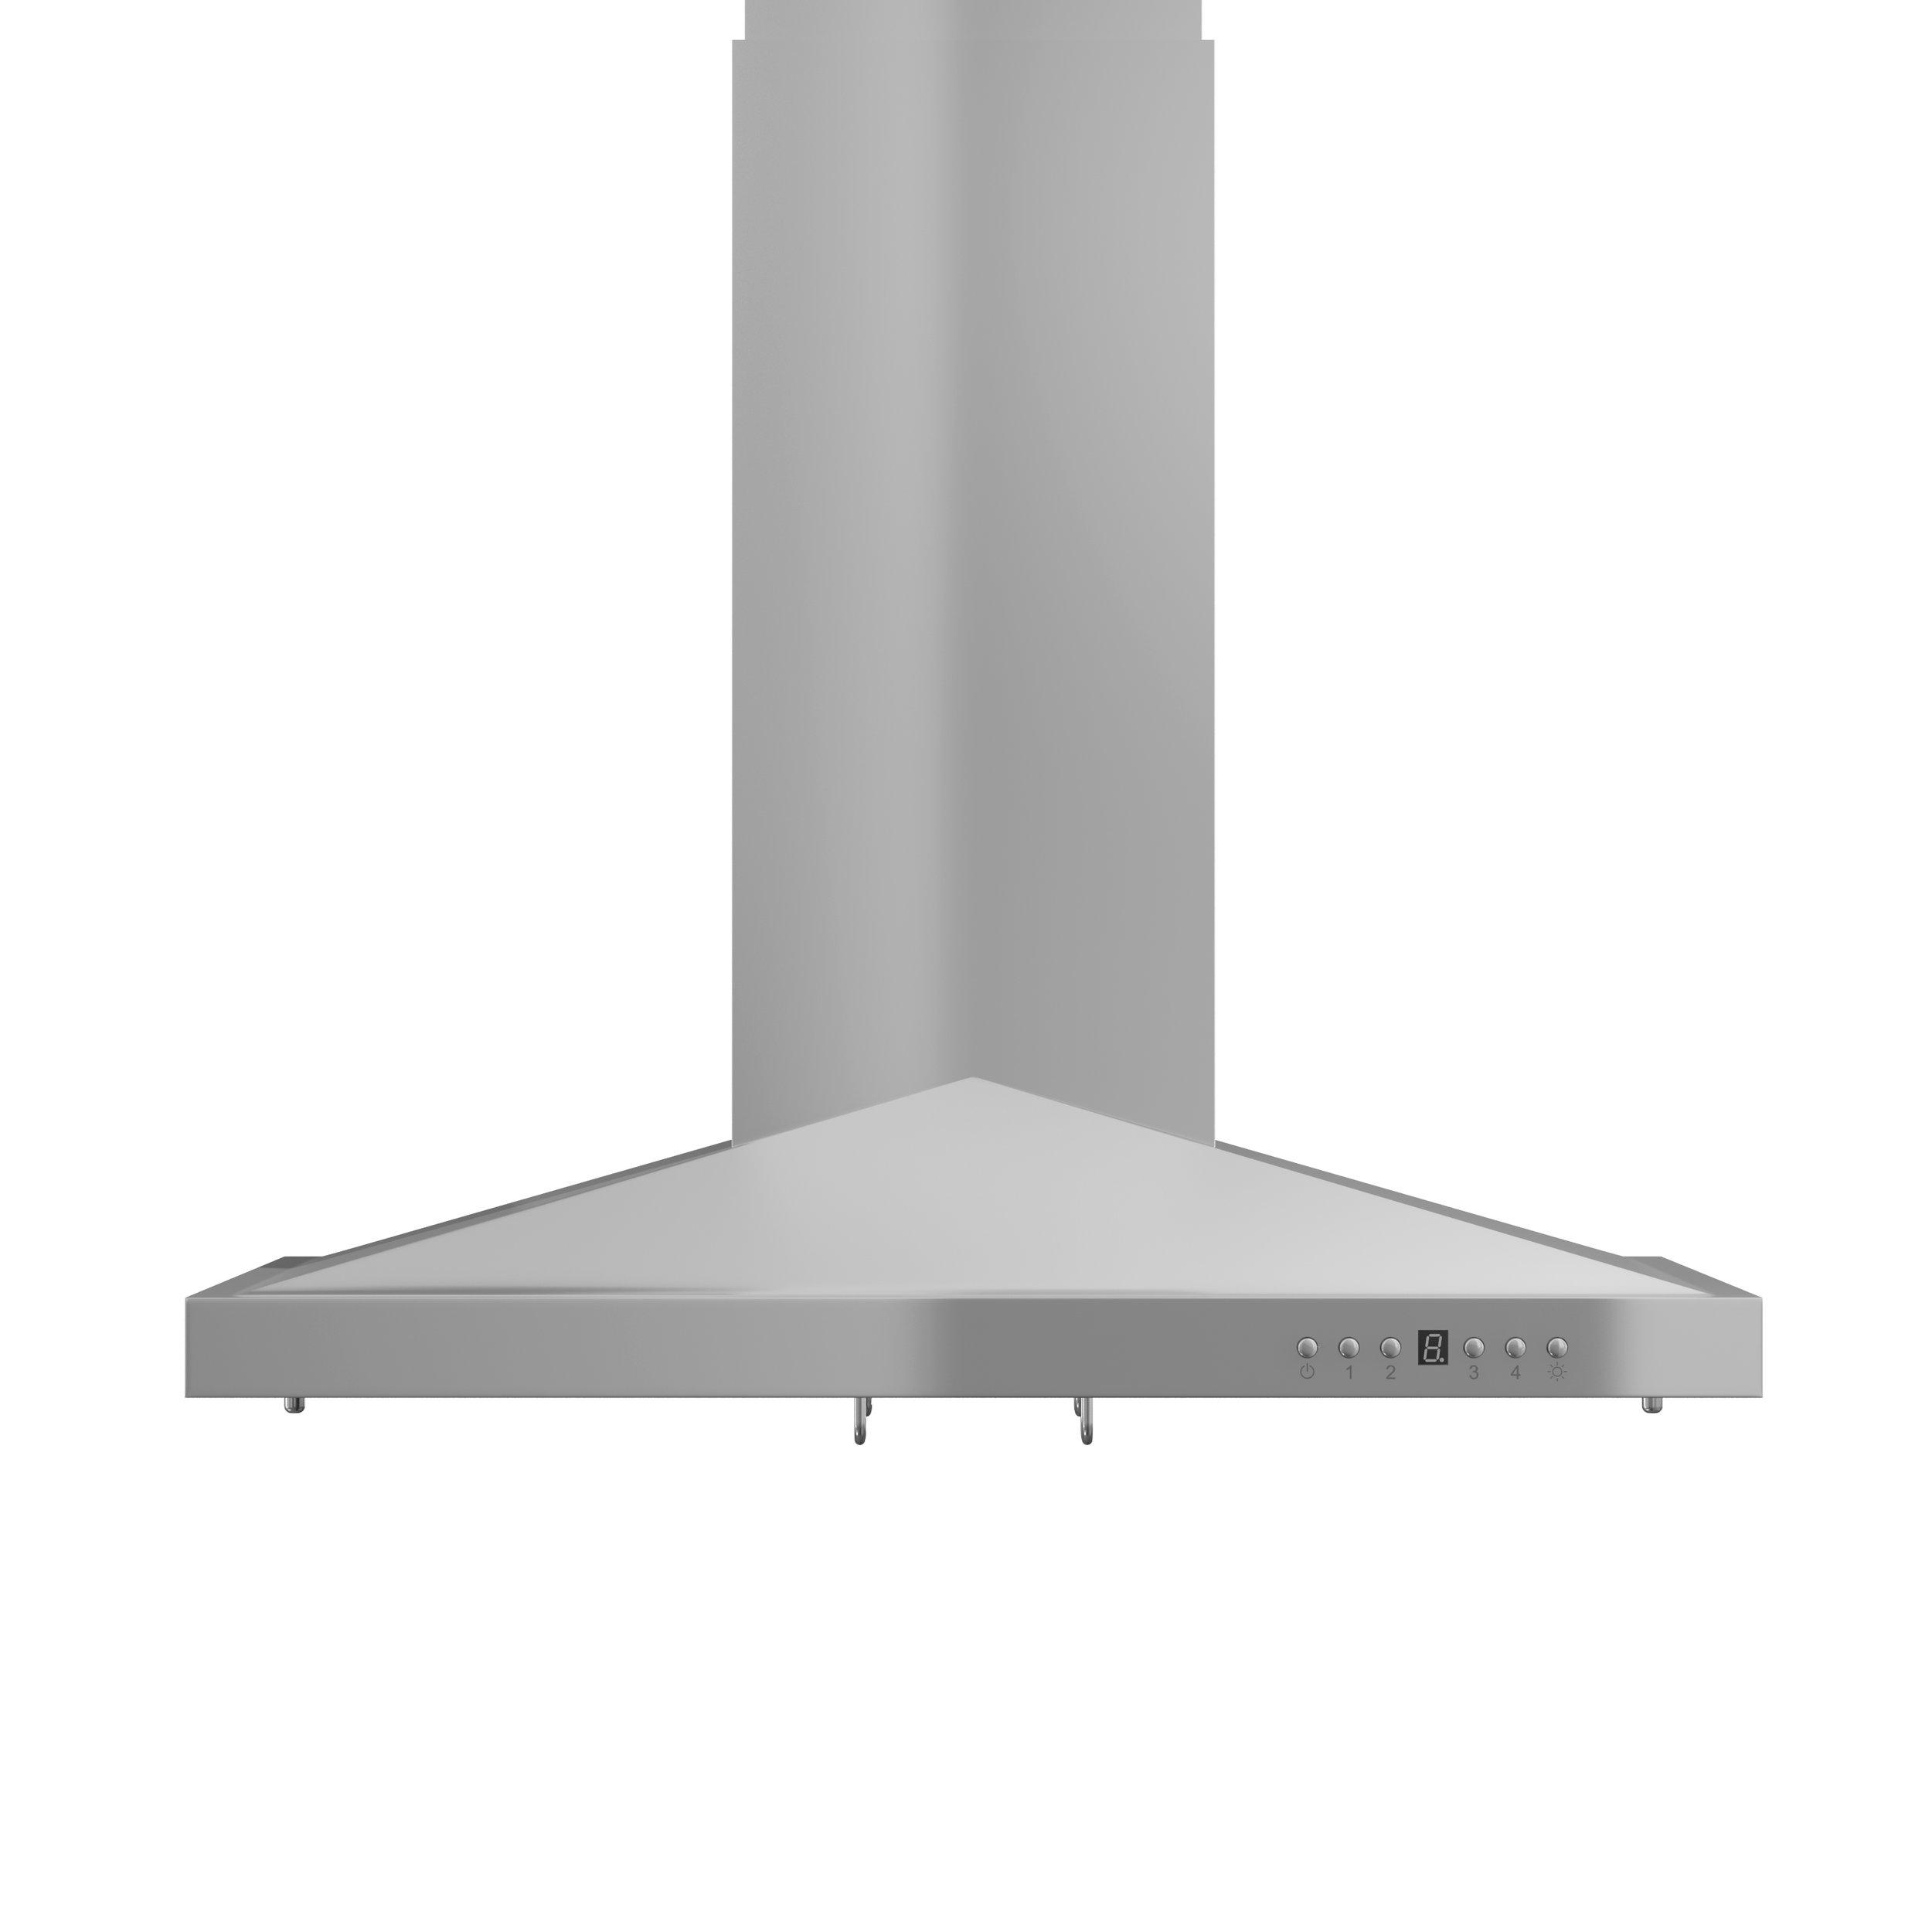 zline-stainless-steel-island-range-hood-GL1i-front.jpg